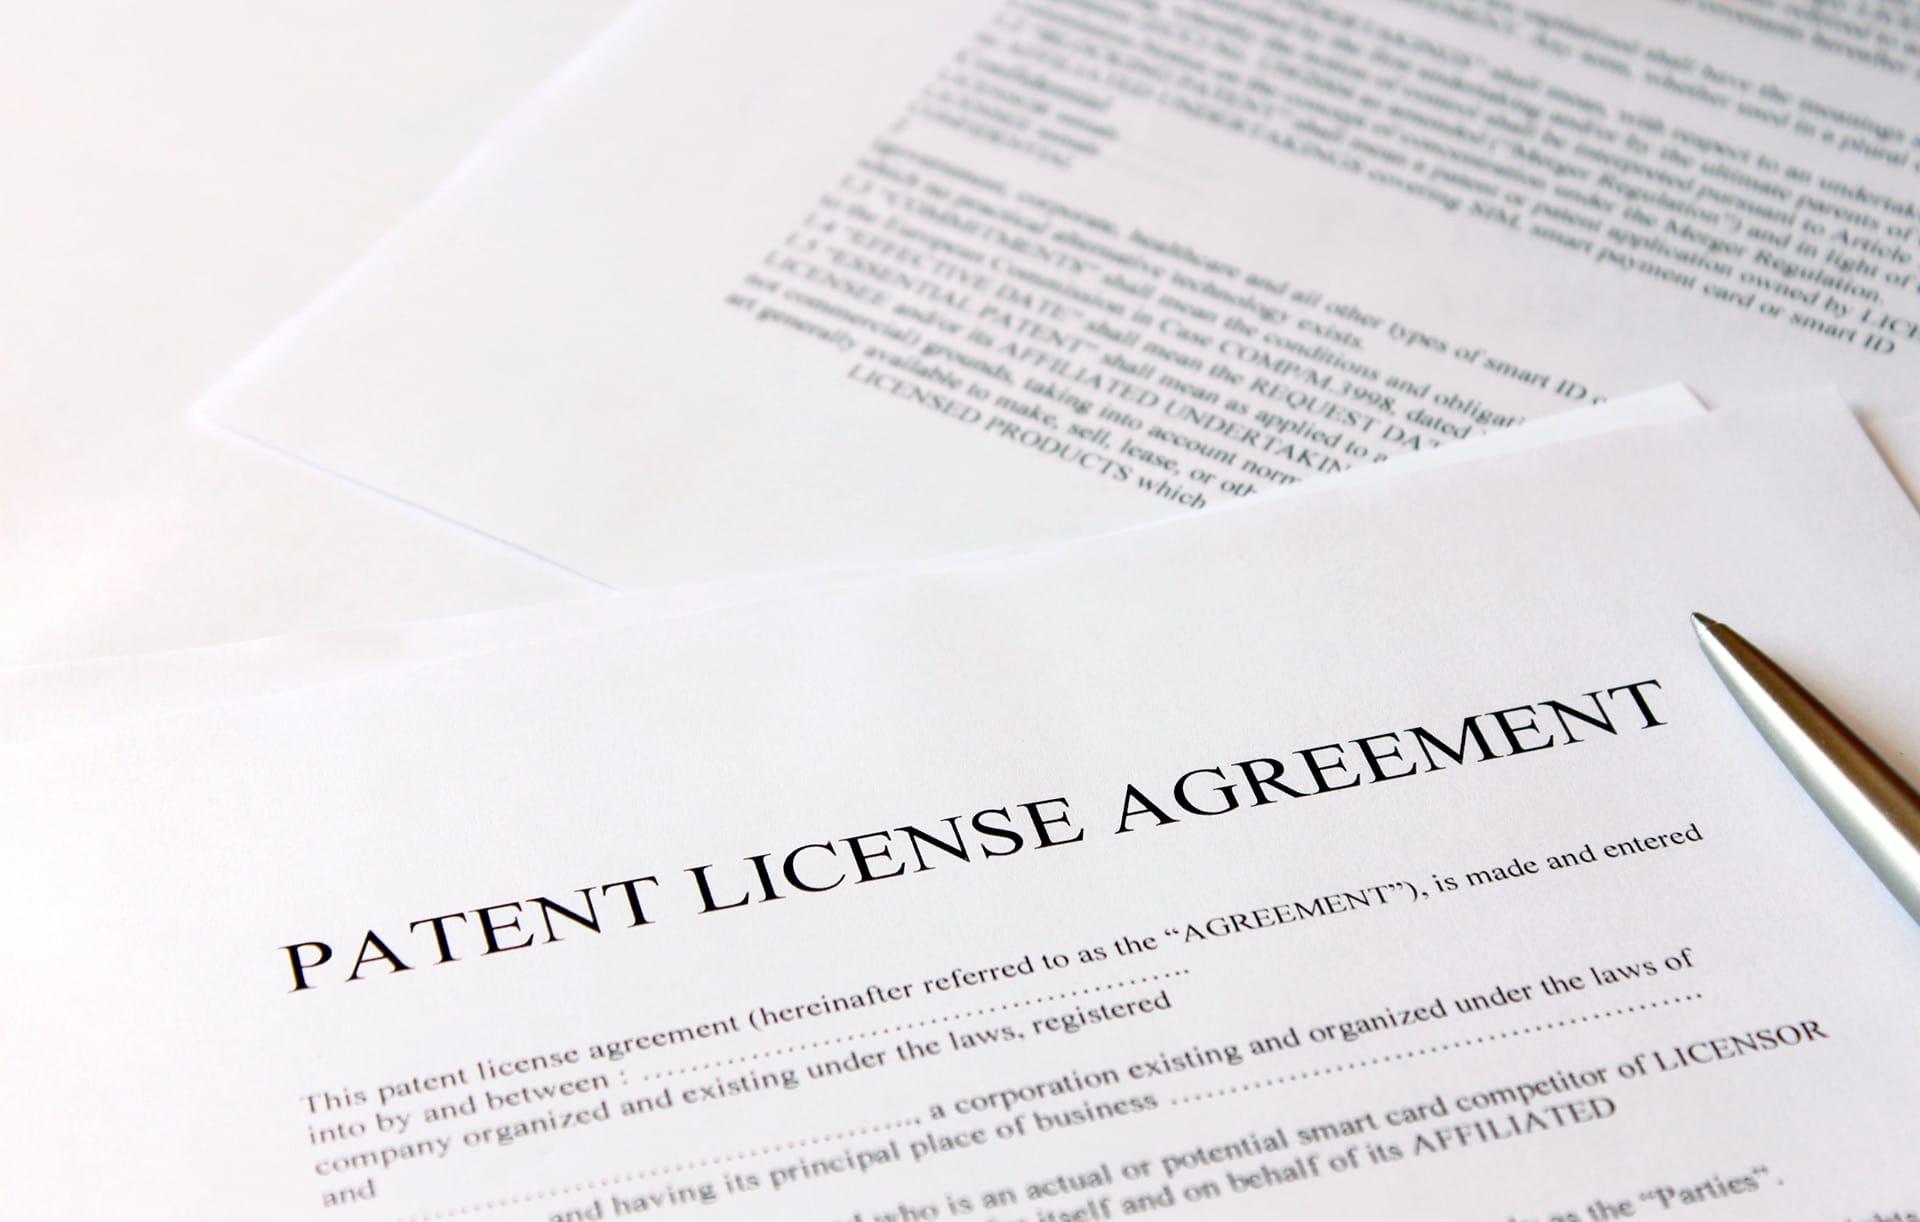 Acordo de licença de patente